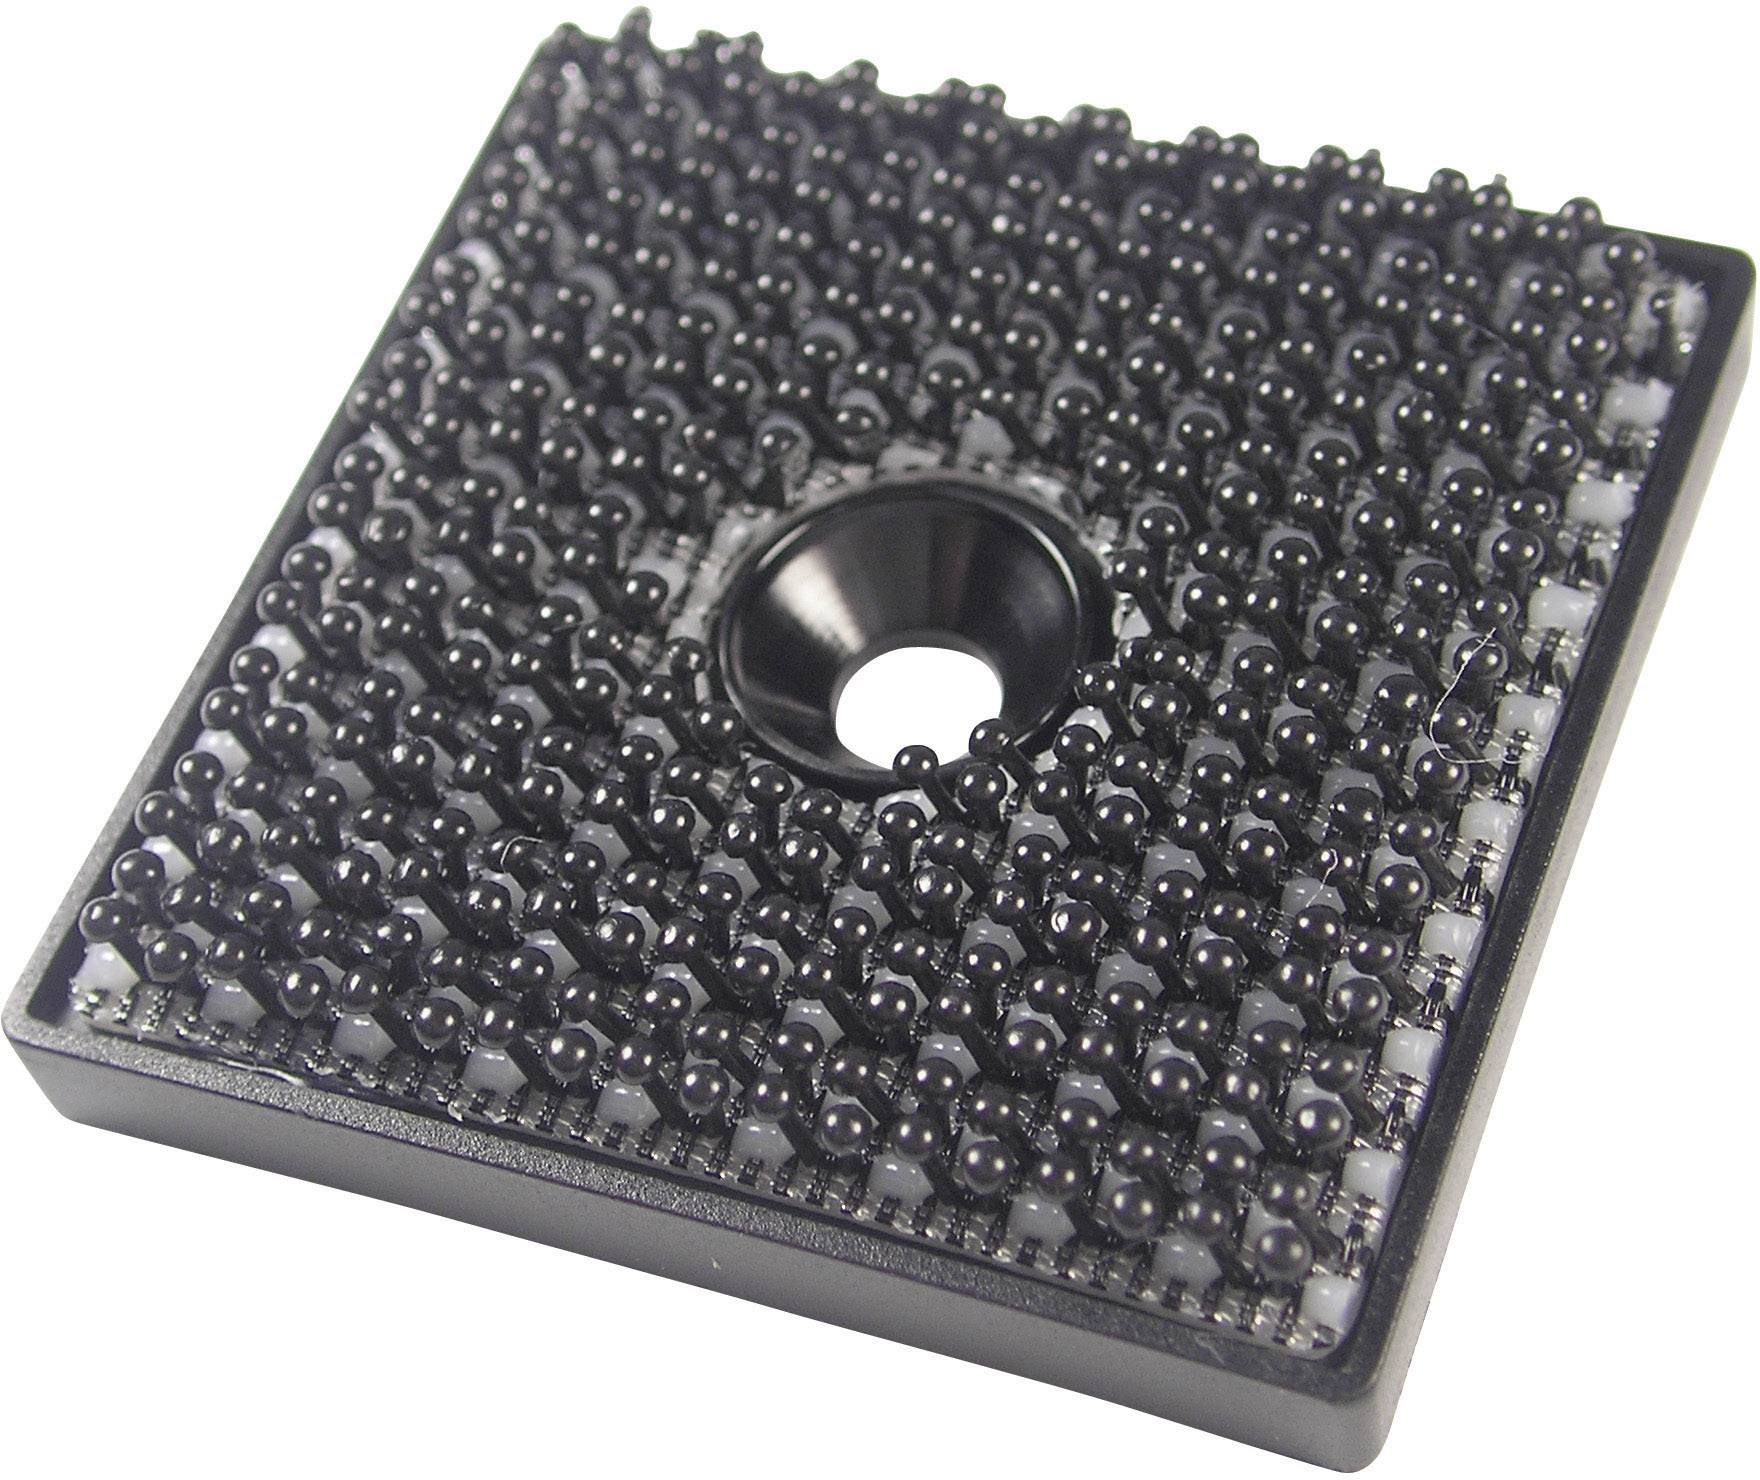 Na naskrutkovanie štvorcový suchý zips Binder Band 76768, (d x š) 32 mm x 32 mm, čierna, 1 ks